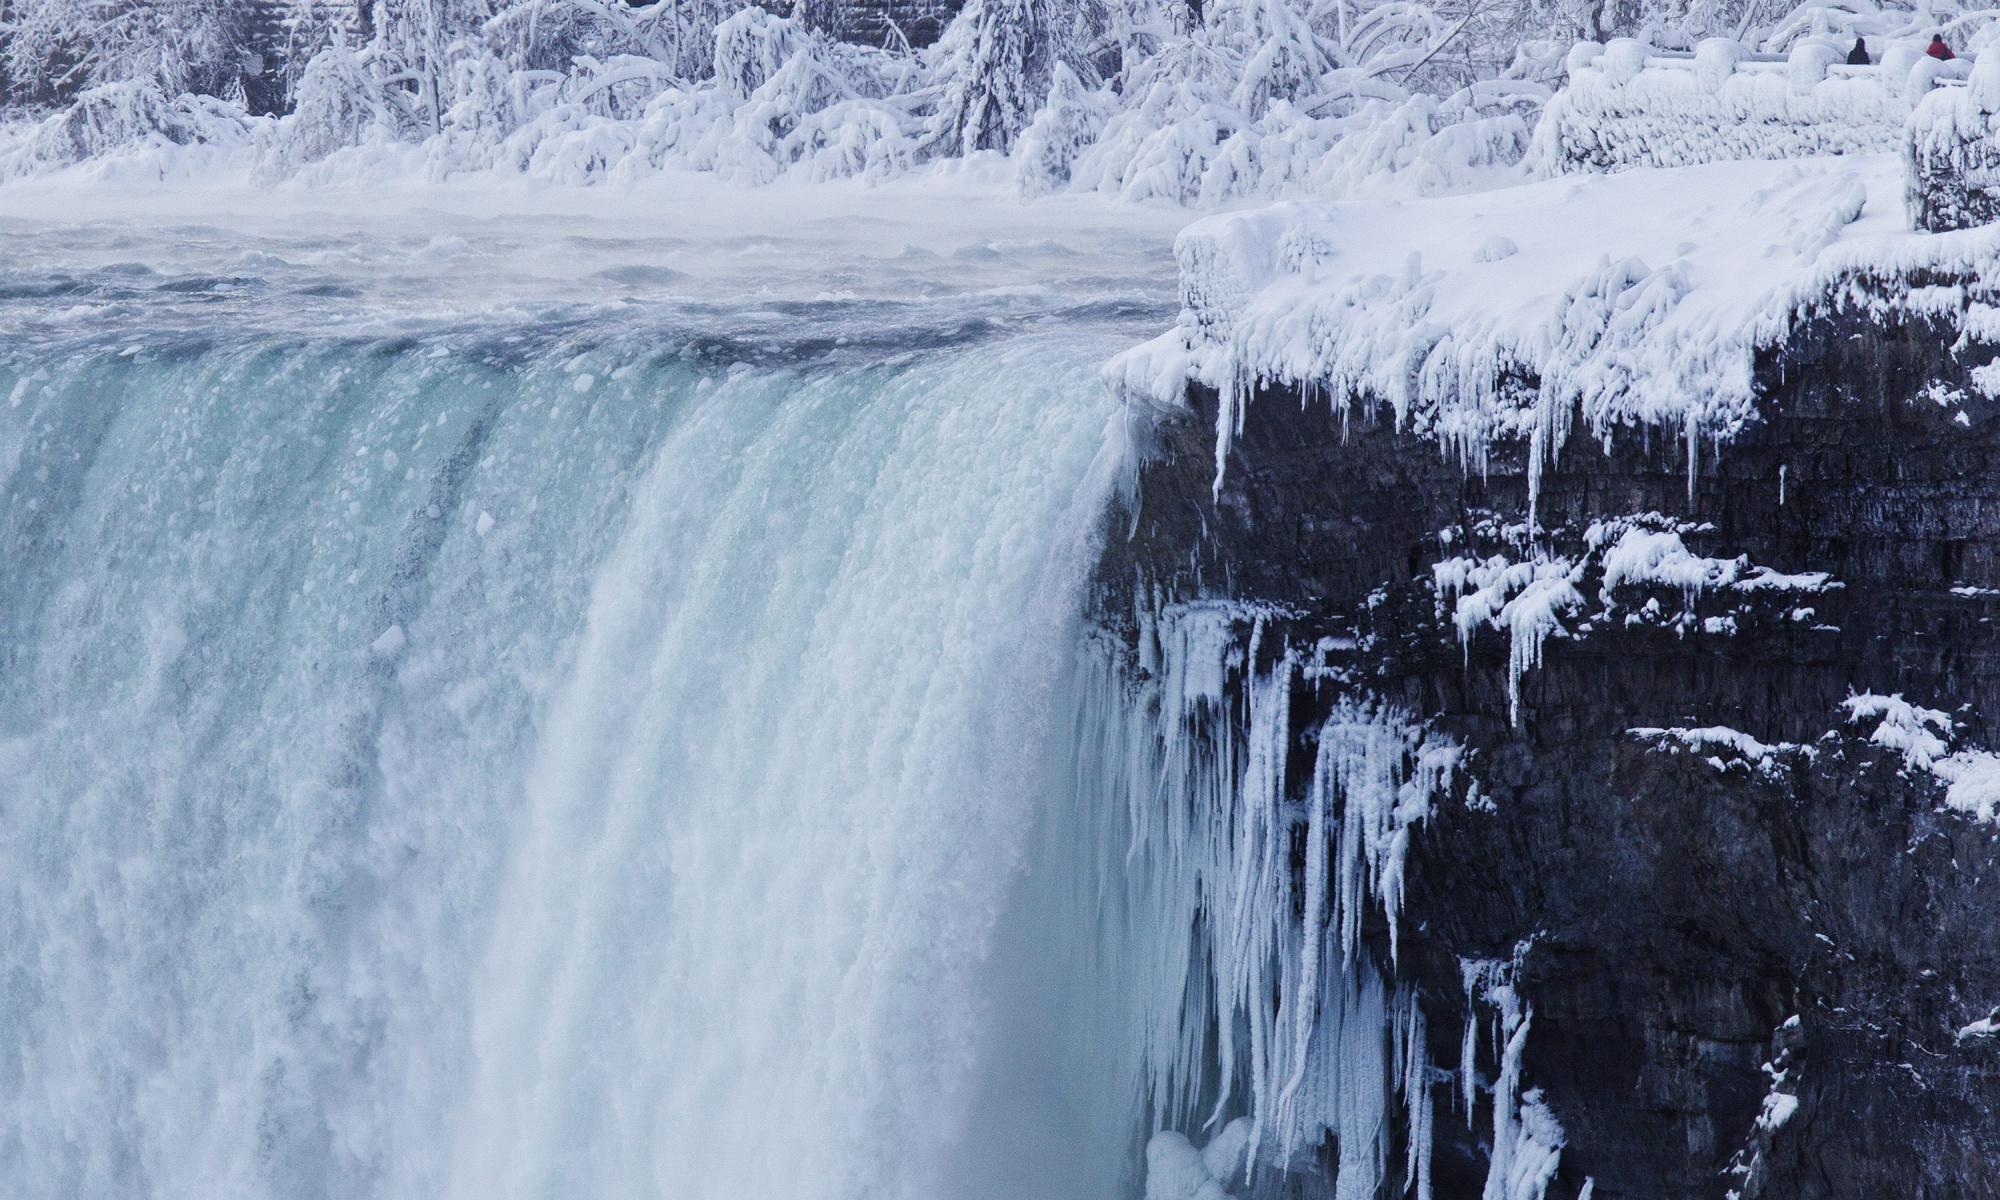 Niagara Falls Freezes Over As Polar Vortex Drops